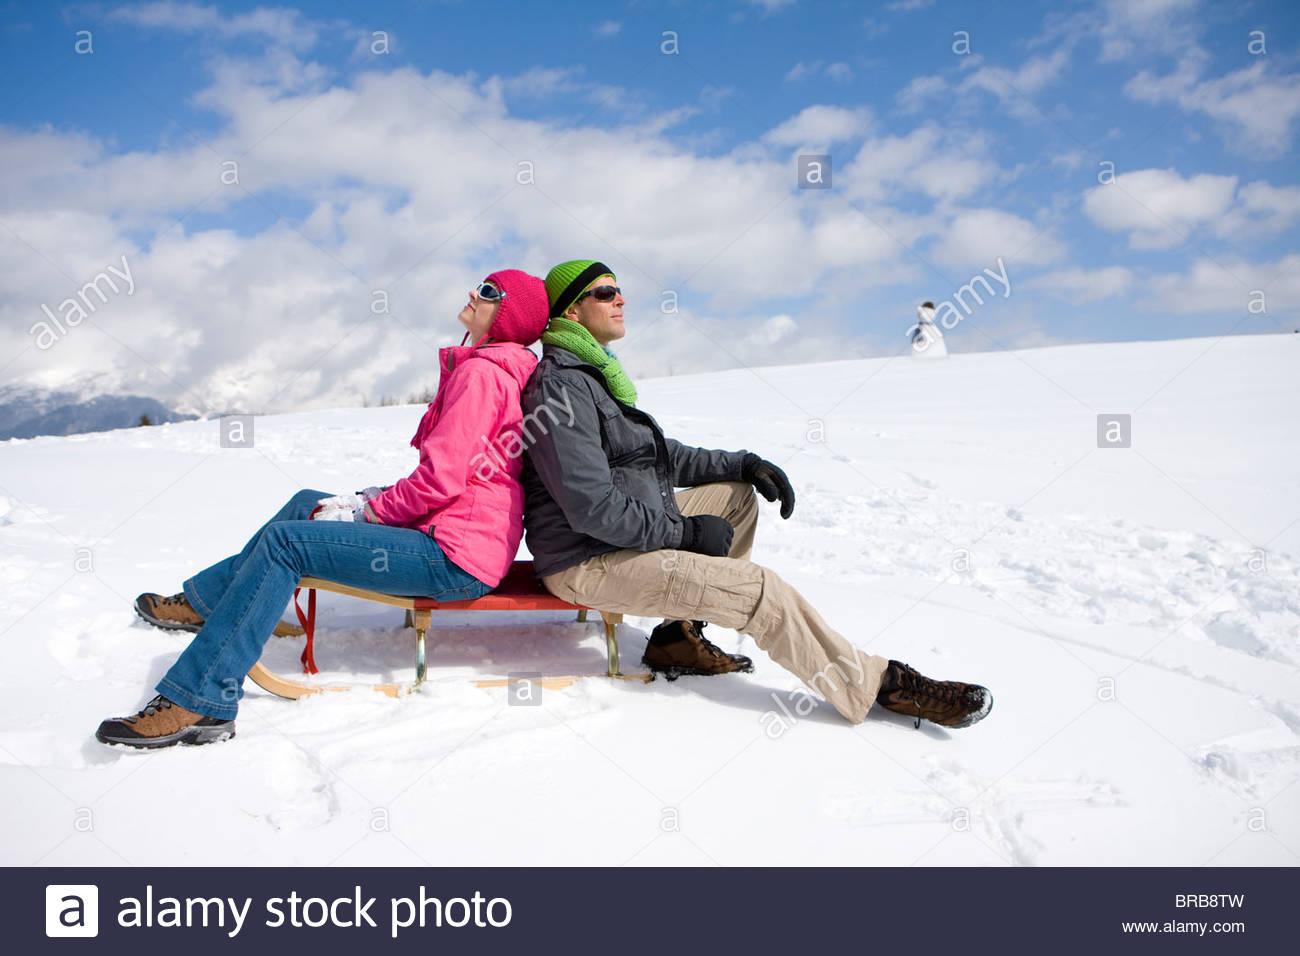 Smiling couple sitting on sled on snowy ski slope - Stock Image